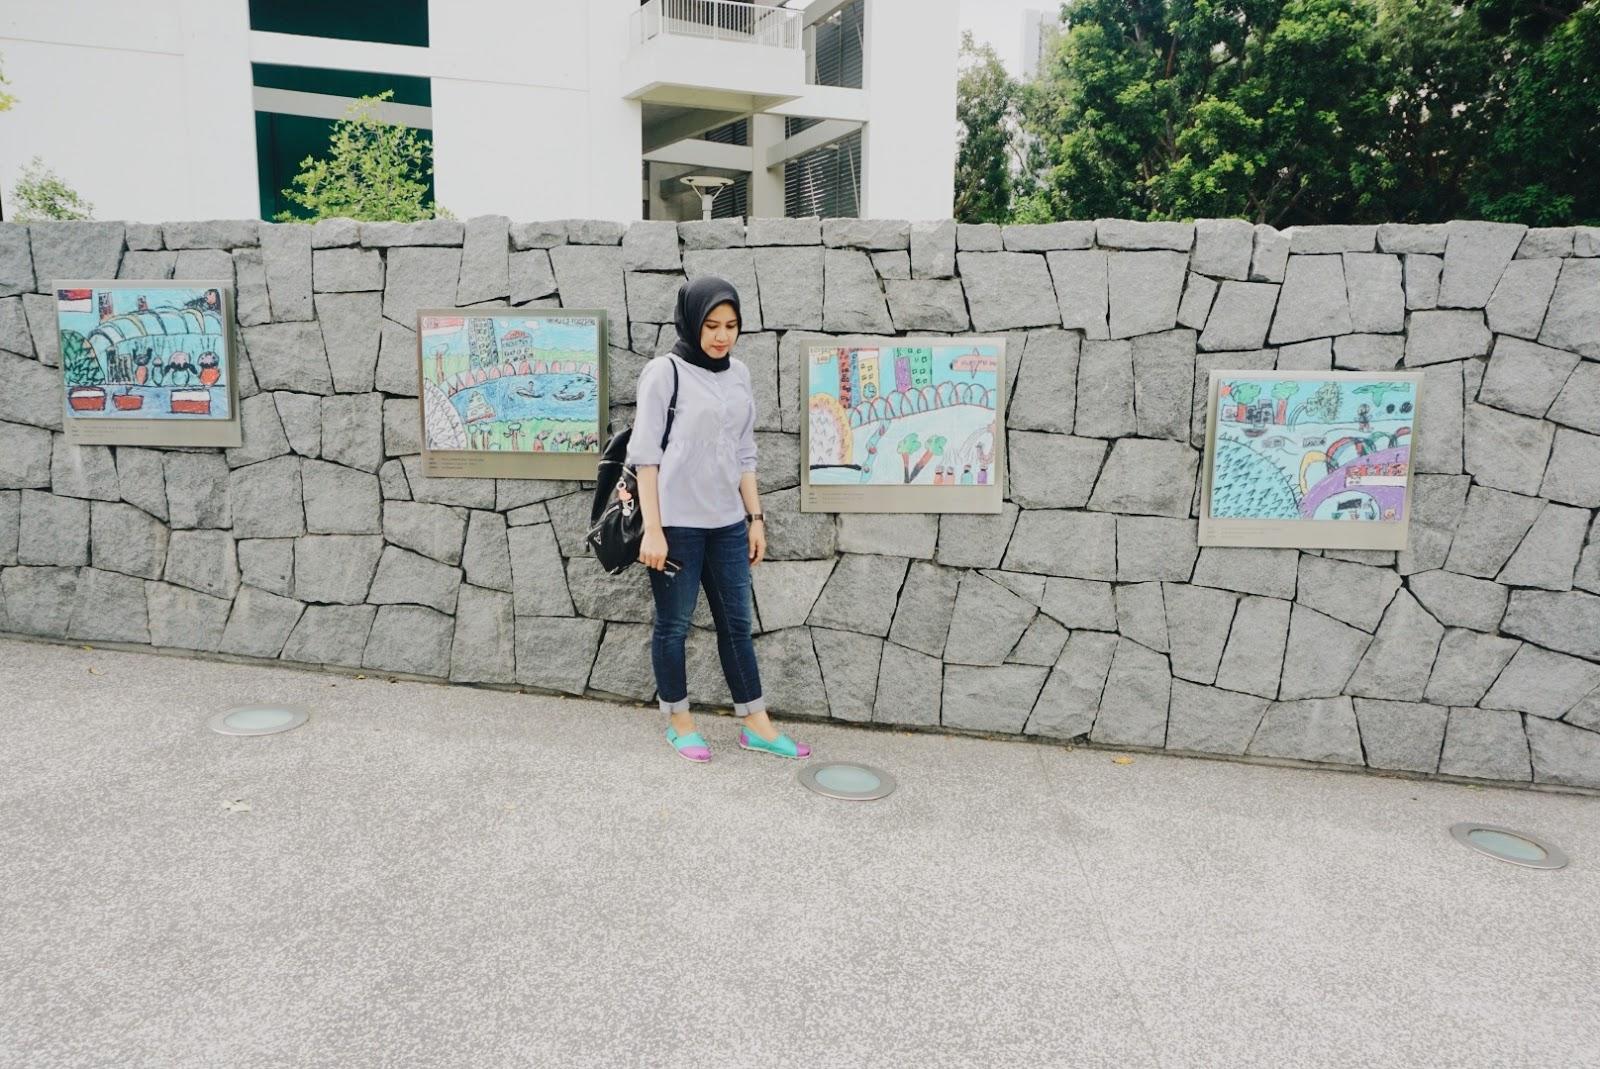 Singapore Day 3 Garden Bay The Meli Rukman Tiket Masuk By Anak Untuk Ke Ini Kami Harus Membayar Sekitar 200 Ribu Satu Orangnya Membeli Lewat Traveloka Dan Digunakan